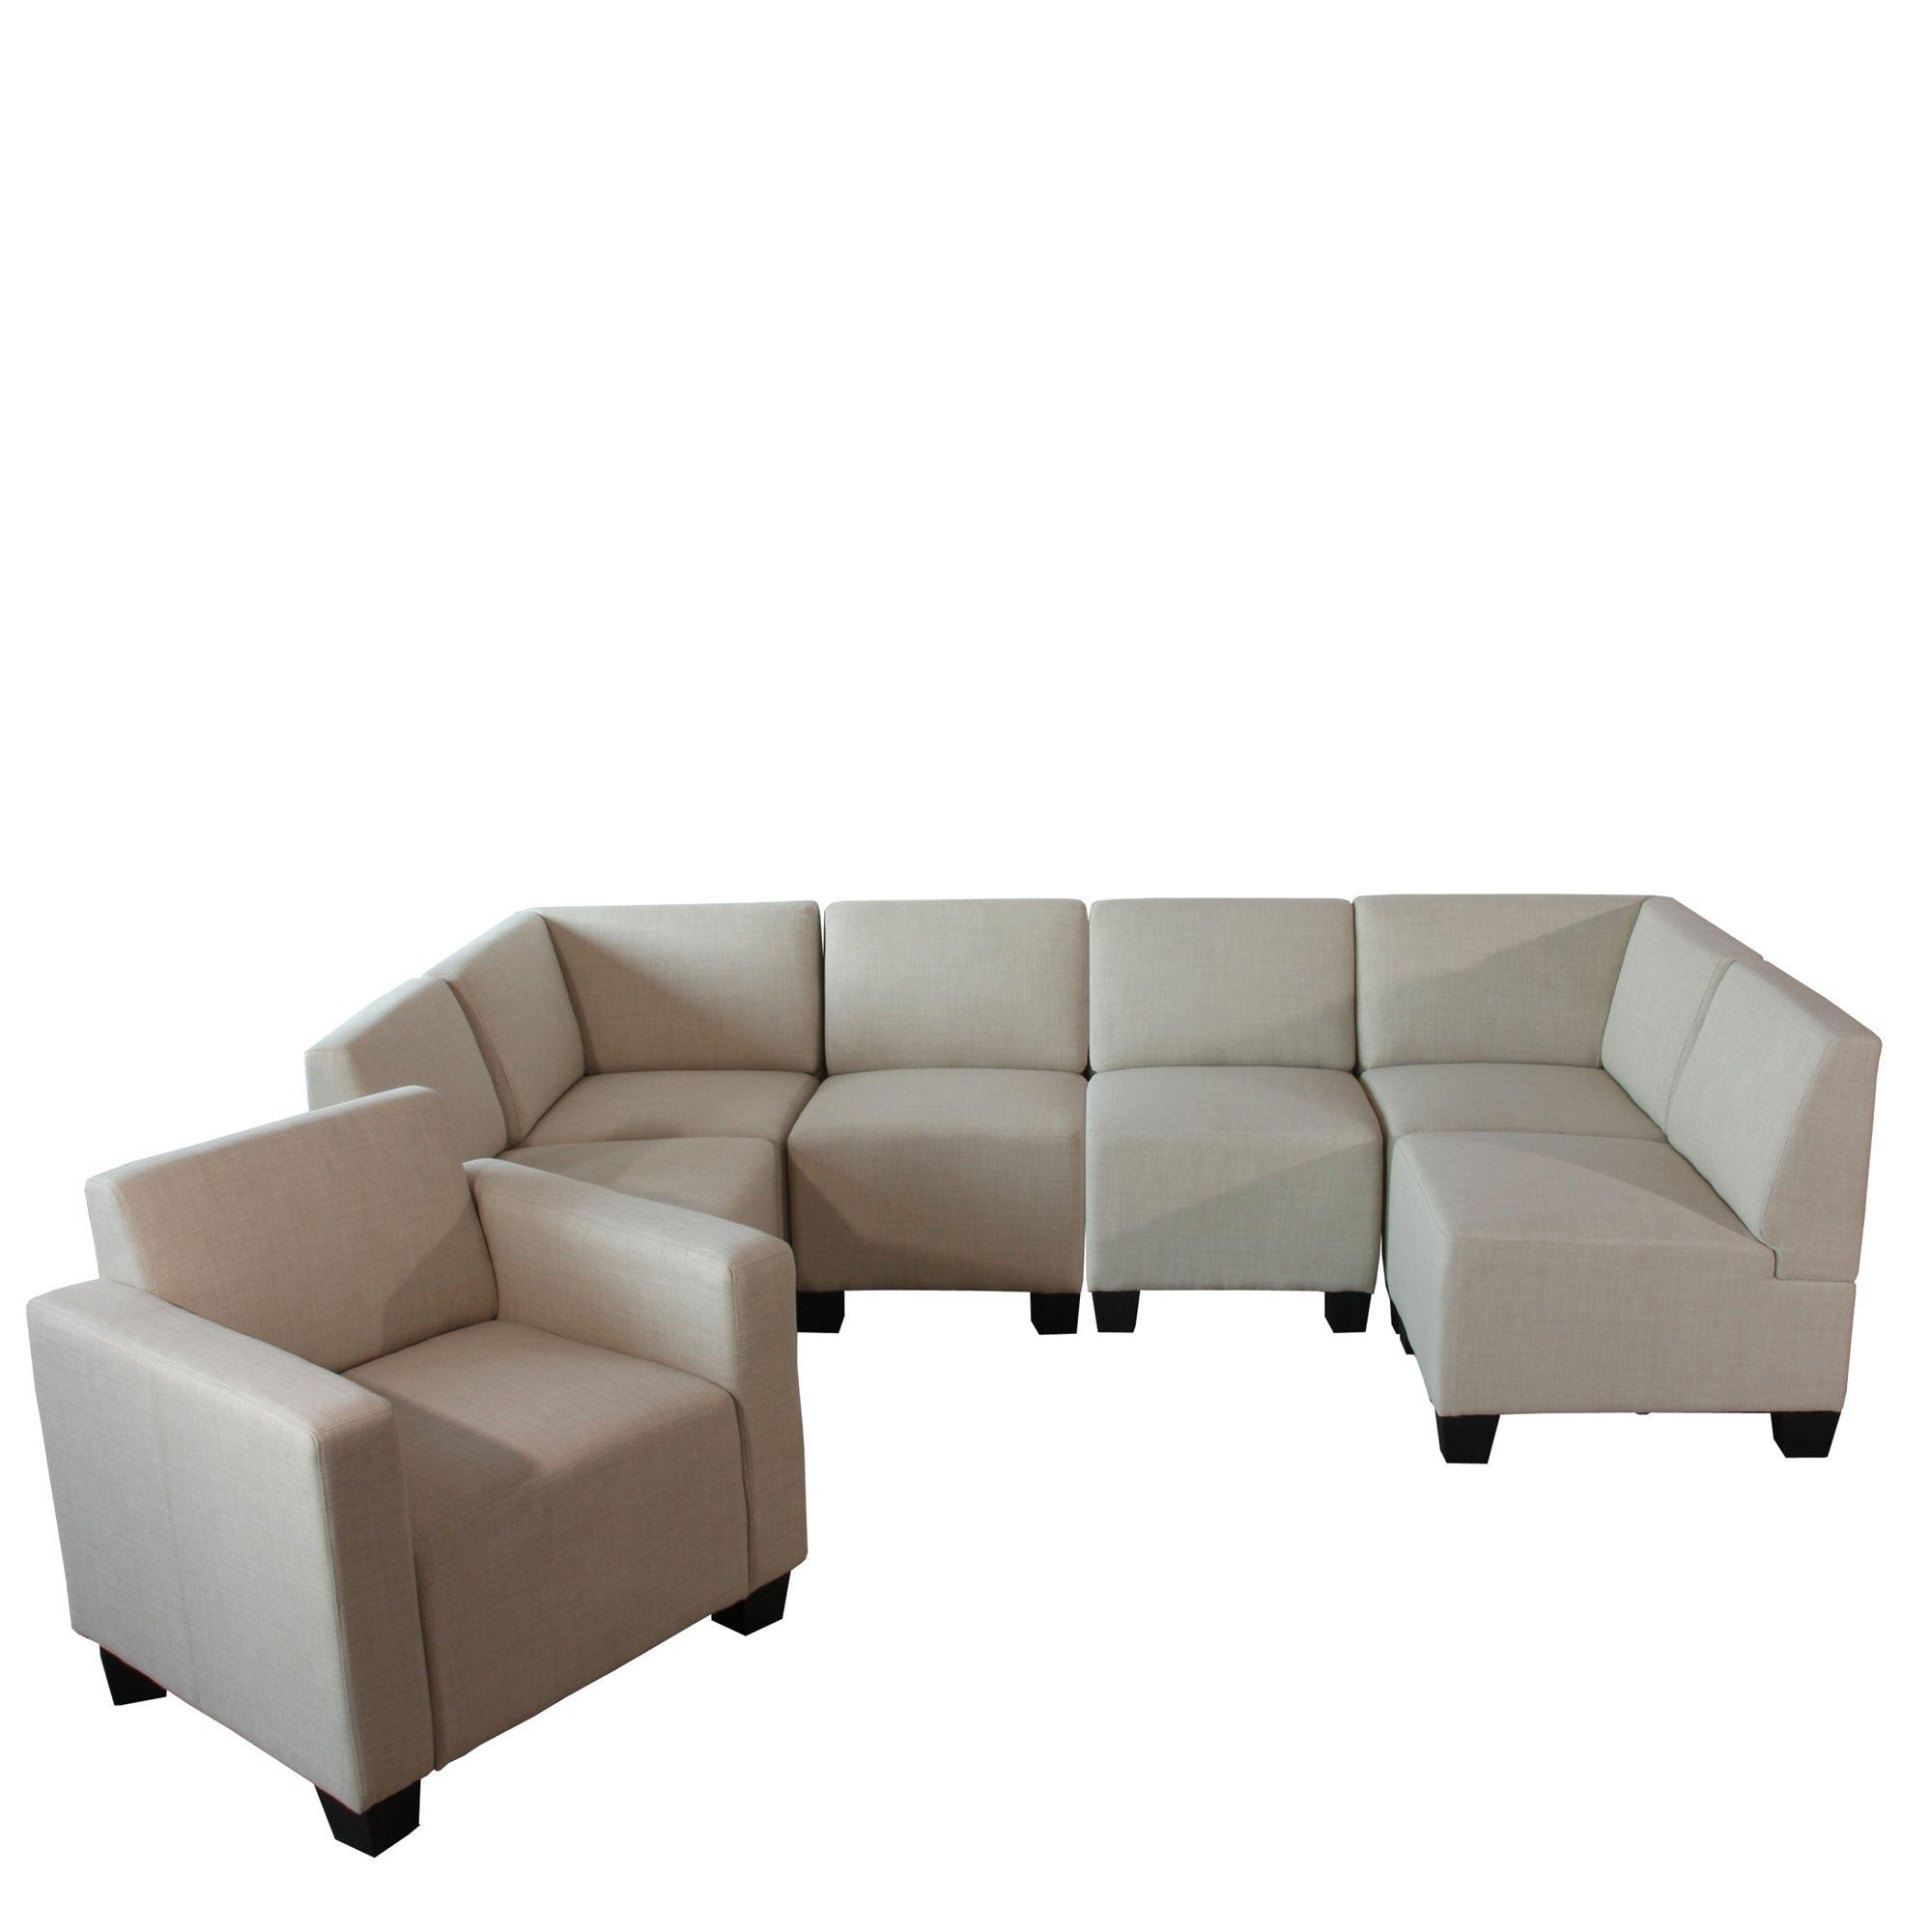 Sofa Modular LYON En 6 Piezas + 1 Sillón Auxiliar, Gran